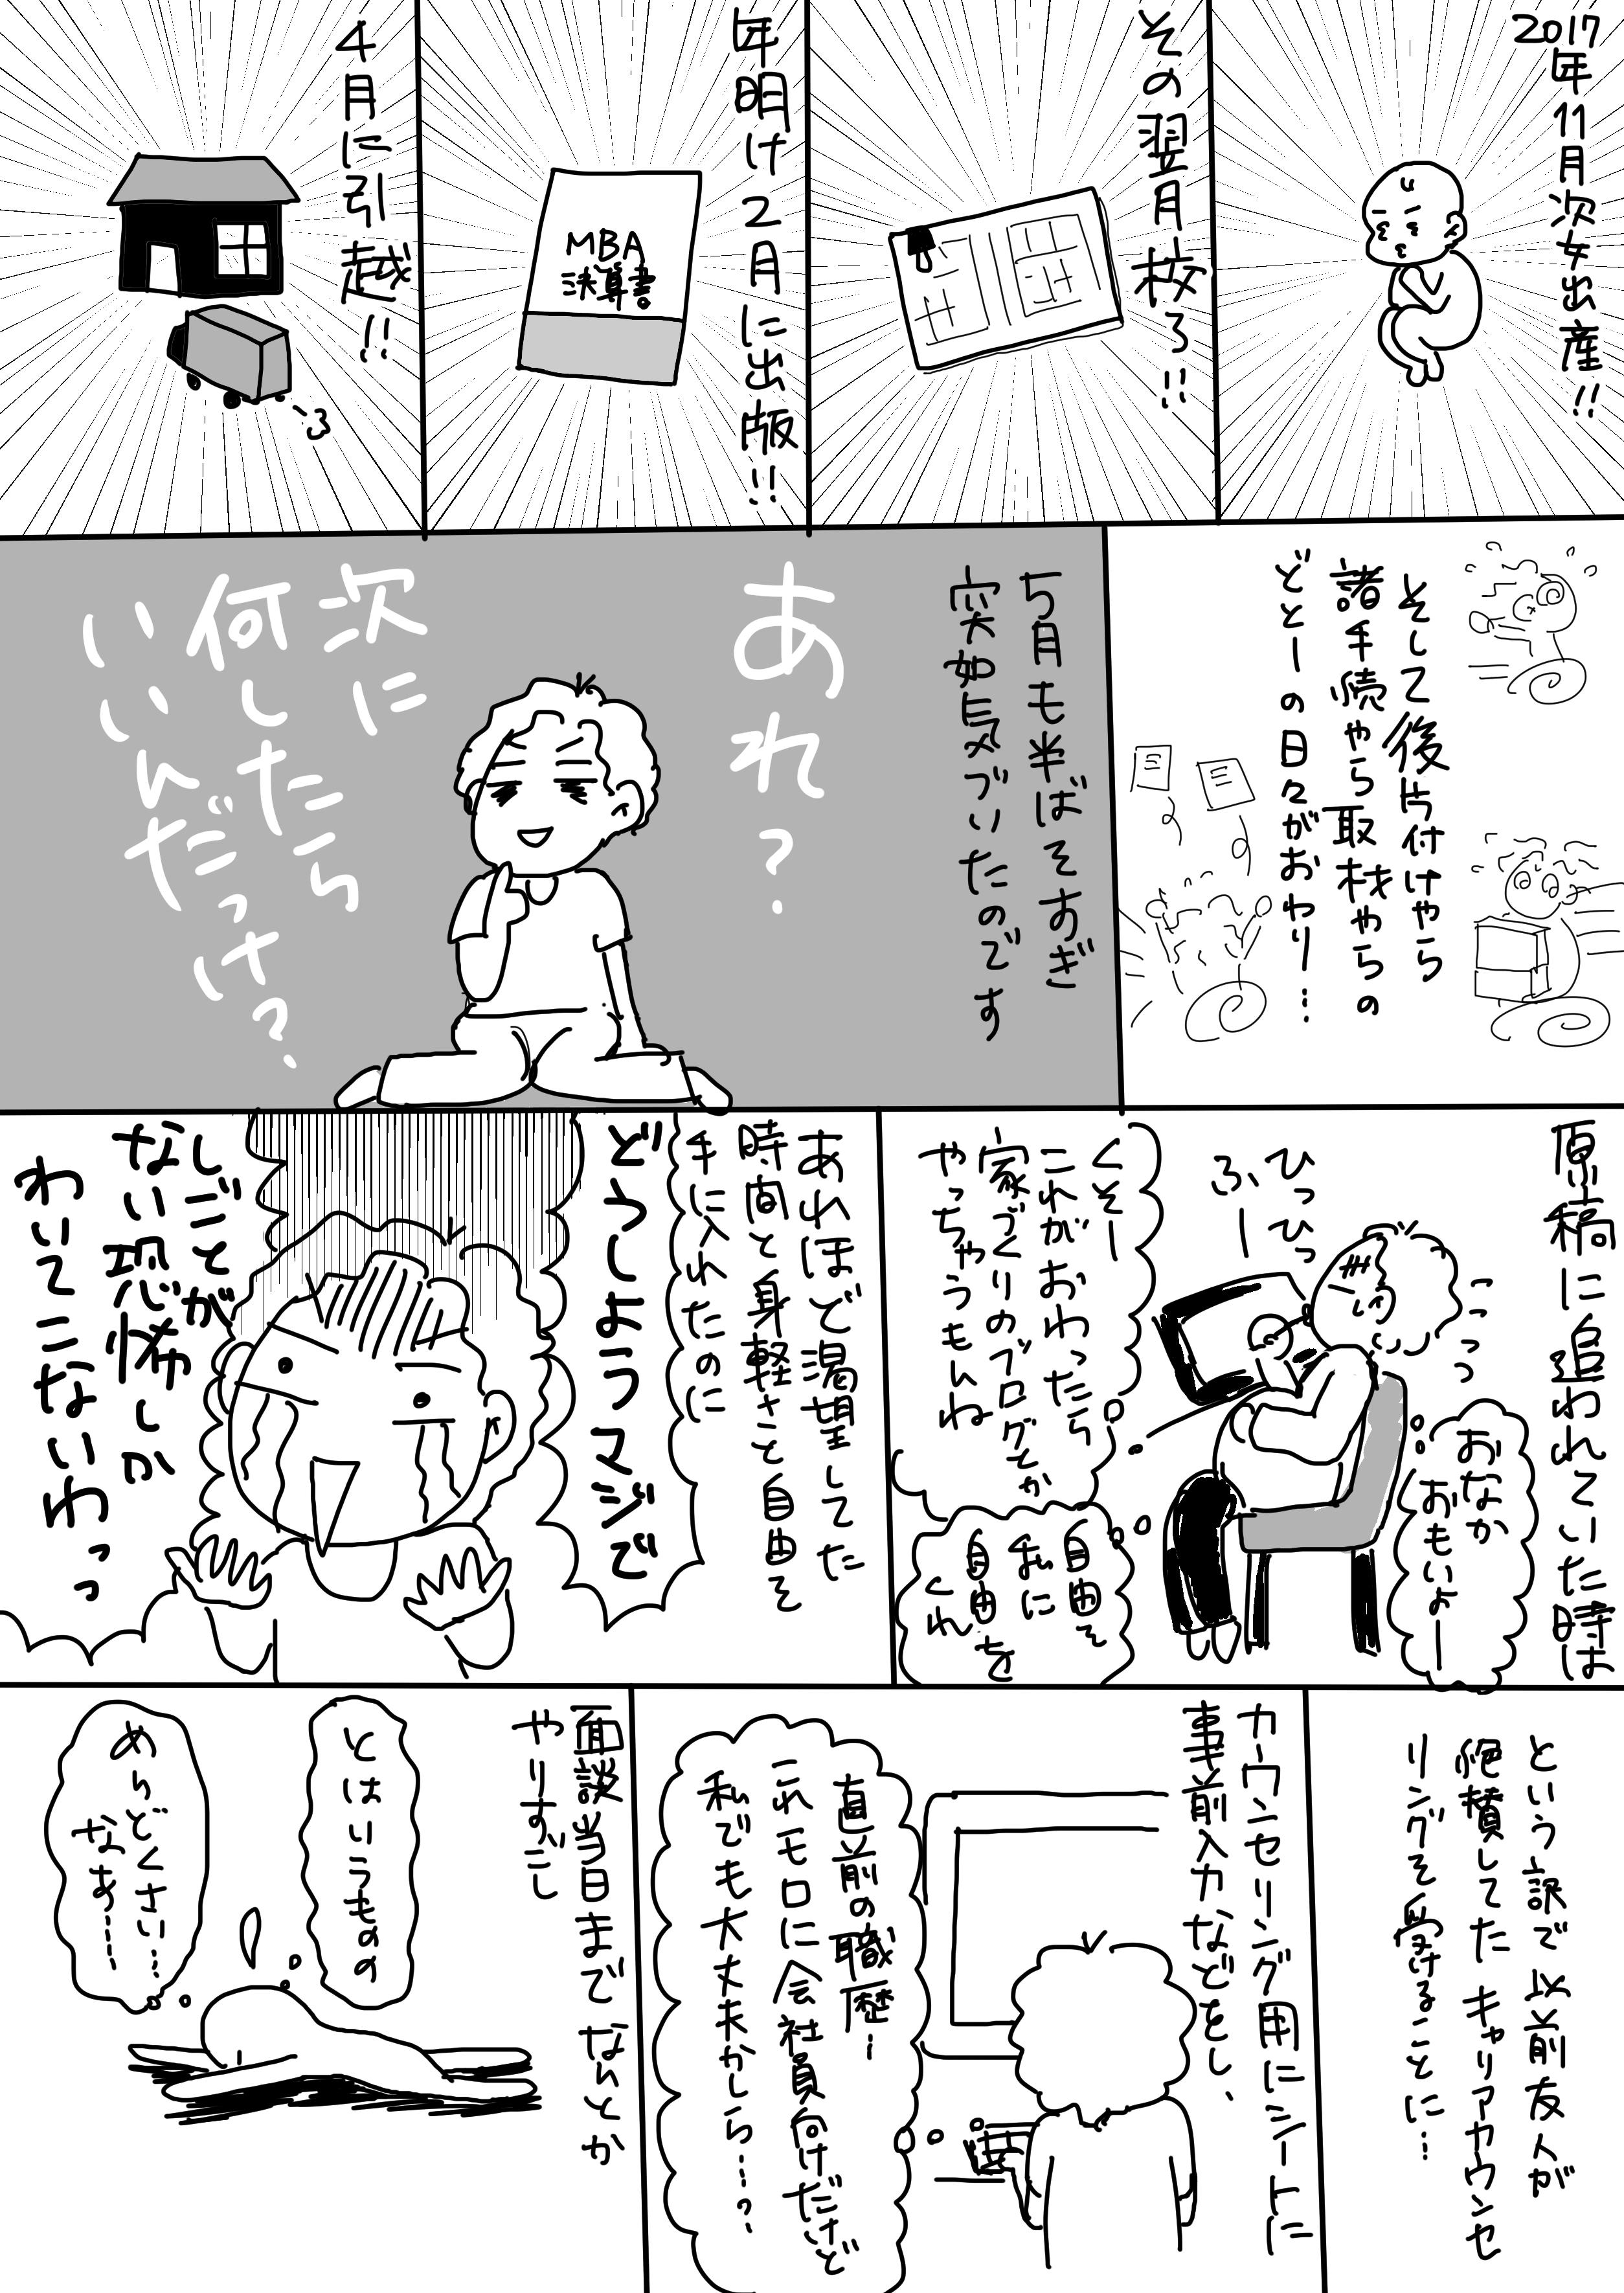 コミック9_出力_001